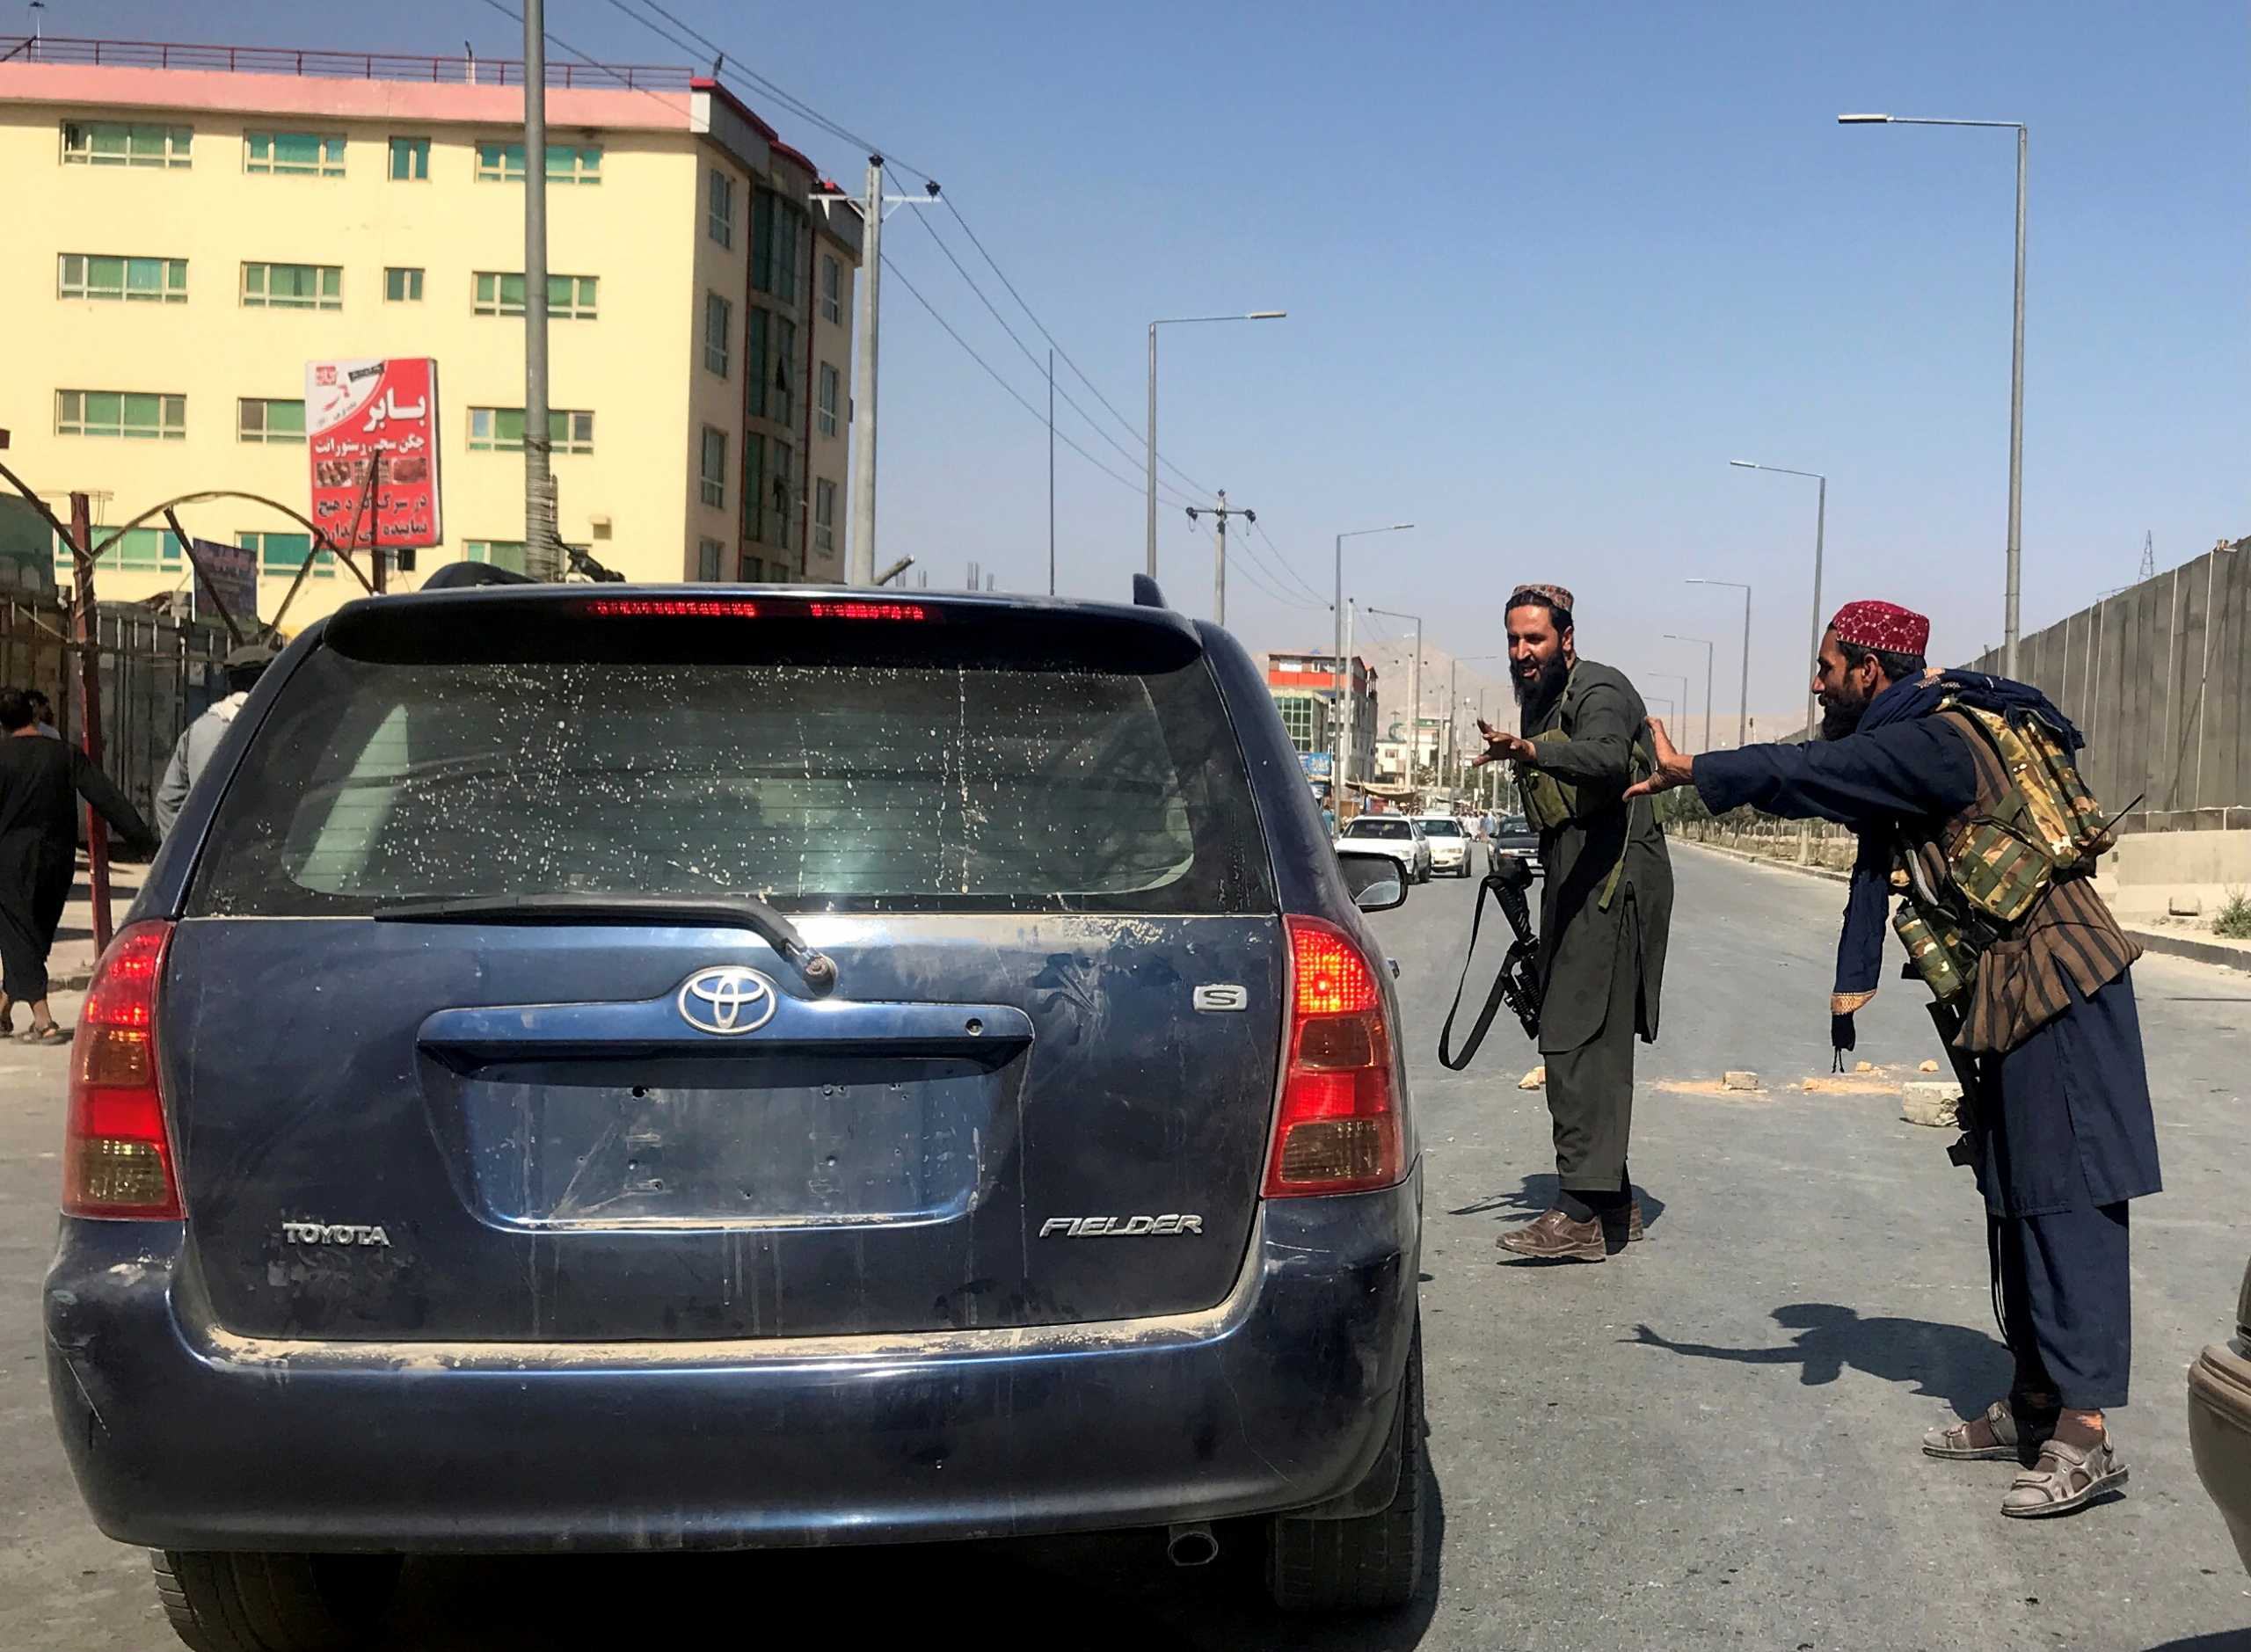 Αφγανιστάν: Οι Ταλιμπάν αποκλείουν υπουργεία – Δεν αφήνουν δημοσίους υπαλλήλους να δουλέψουν